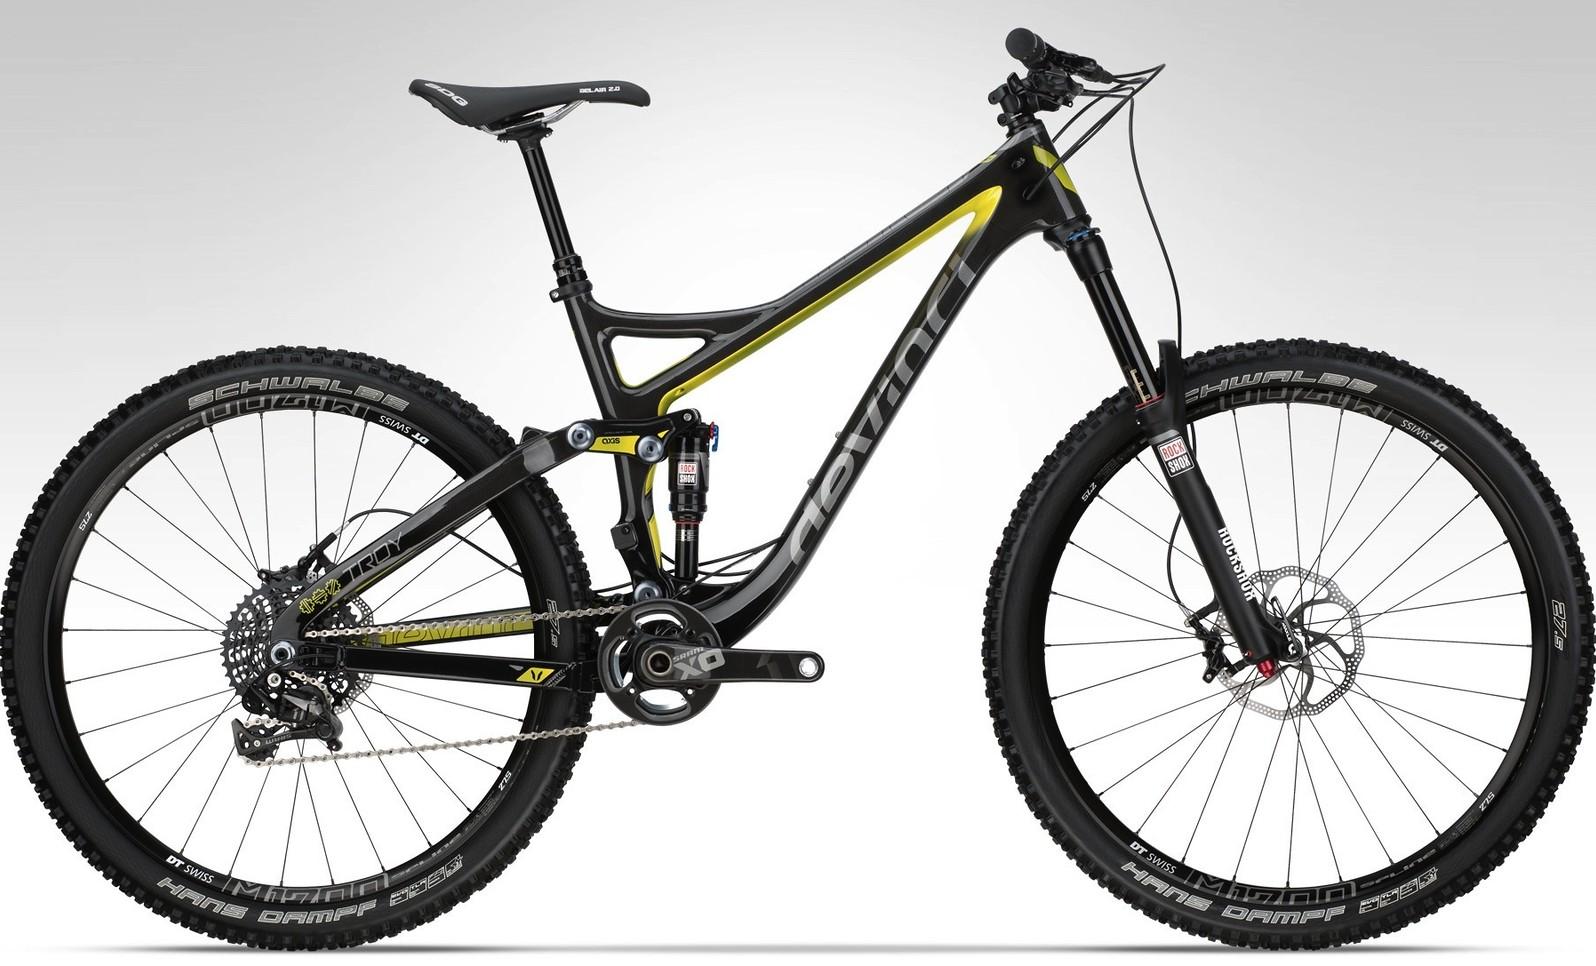 Devinci TROY CARBON RR bike